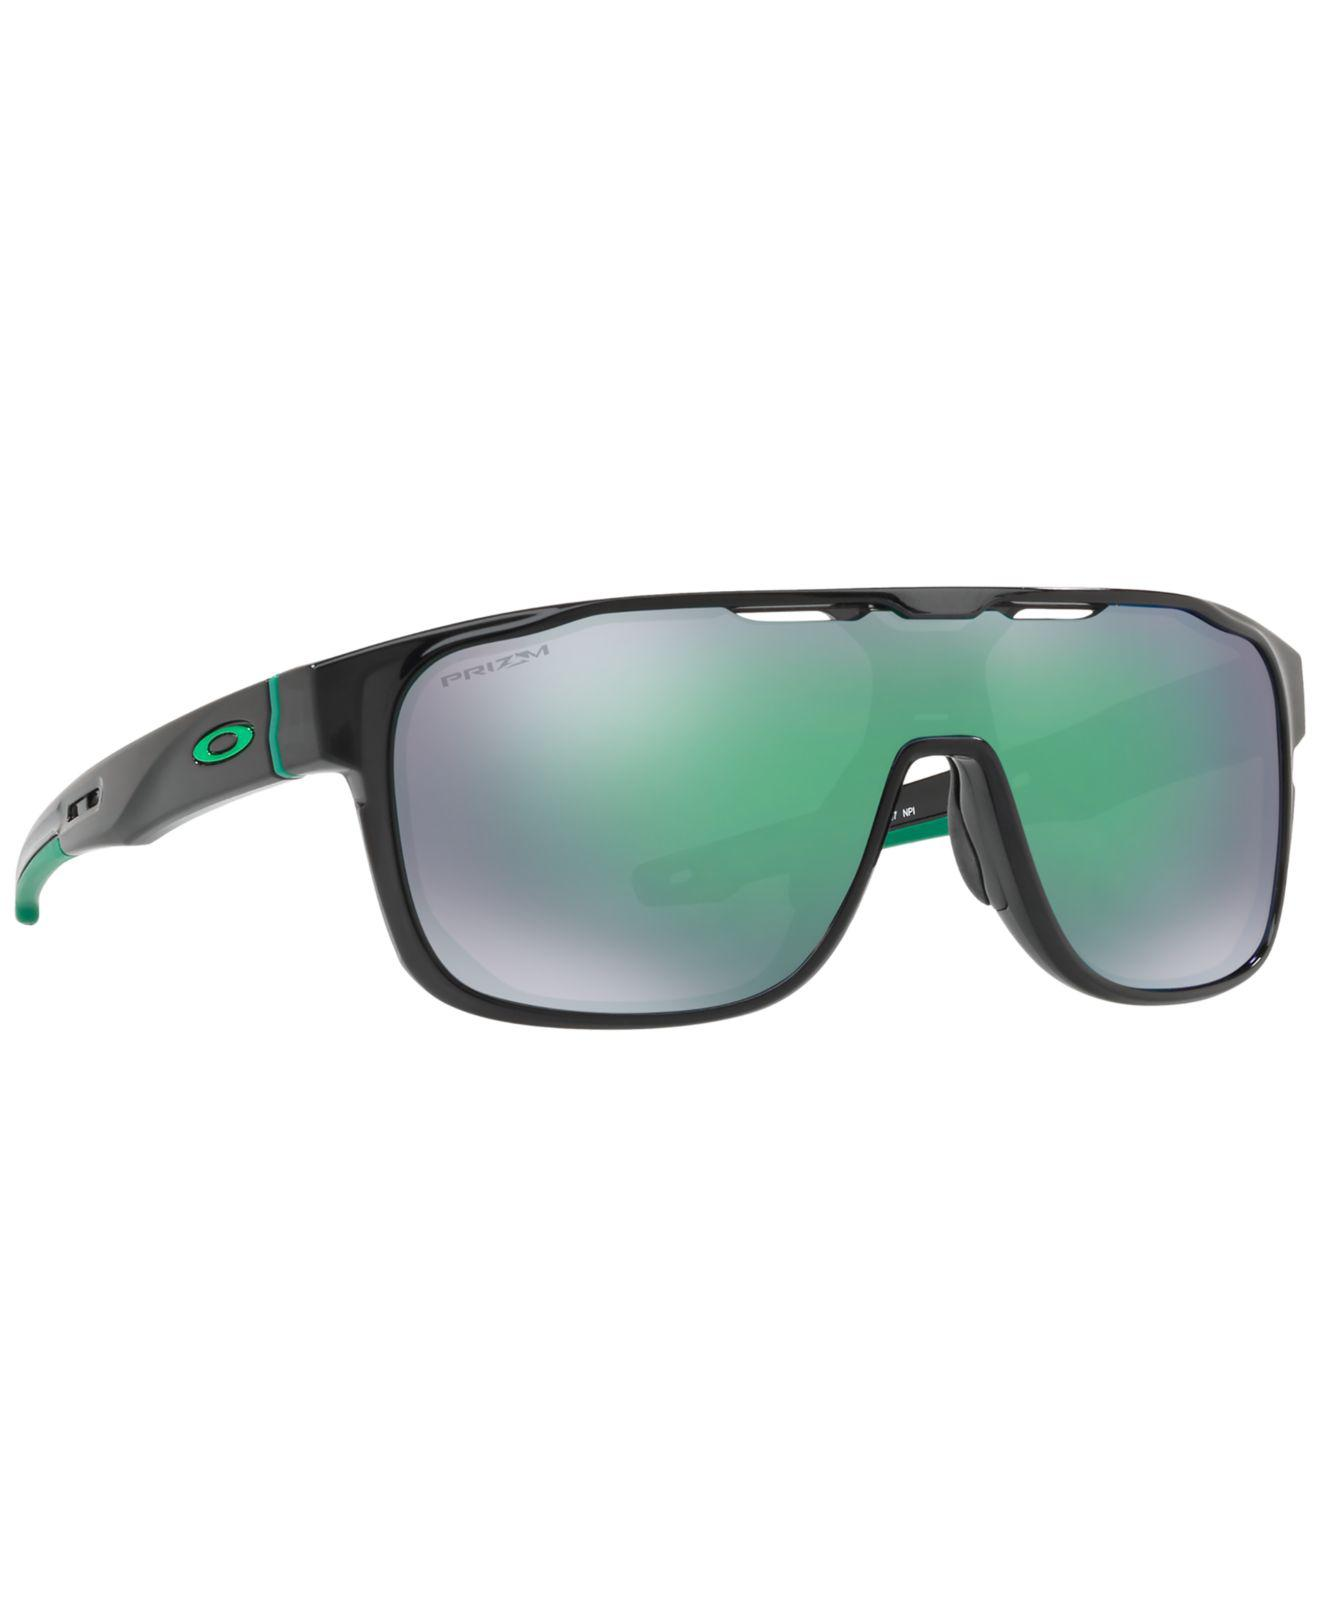 524689f236 ... low price lyst oakley crossrange shield sunglasses oo9387 in green for  men 76fc0 d865e